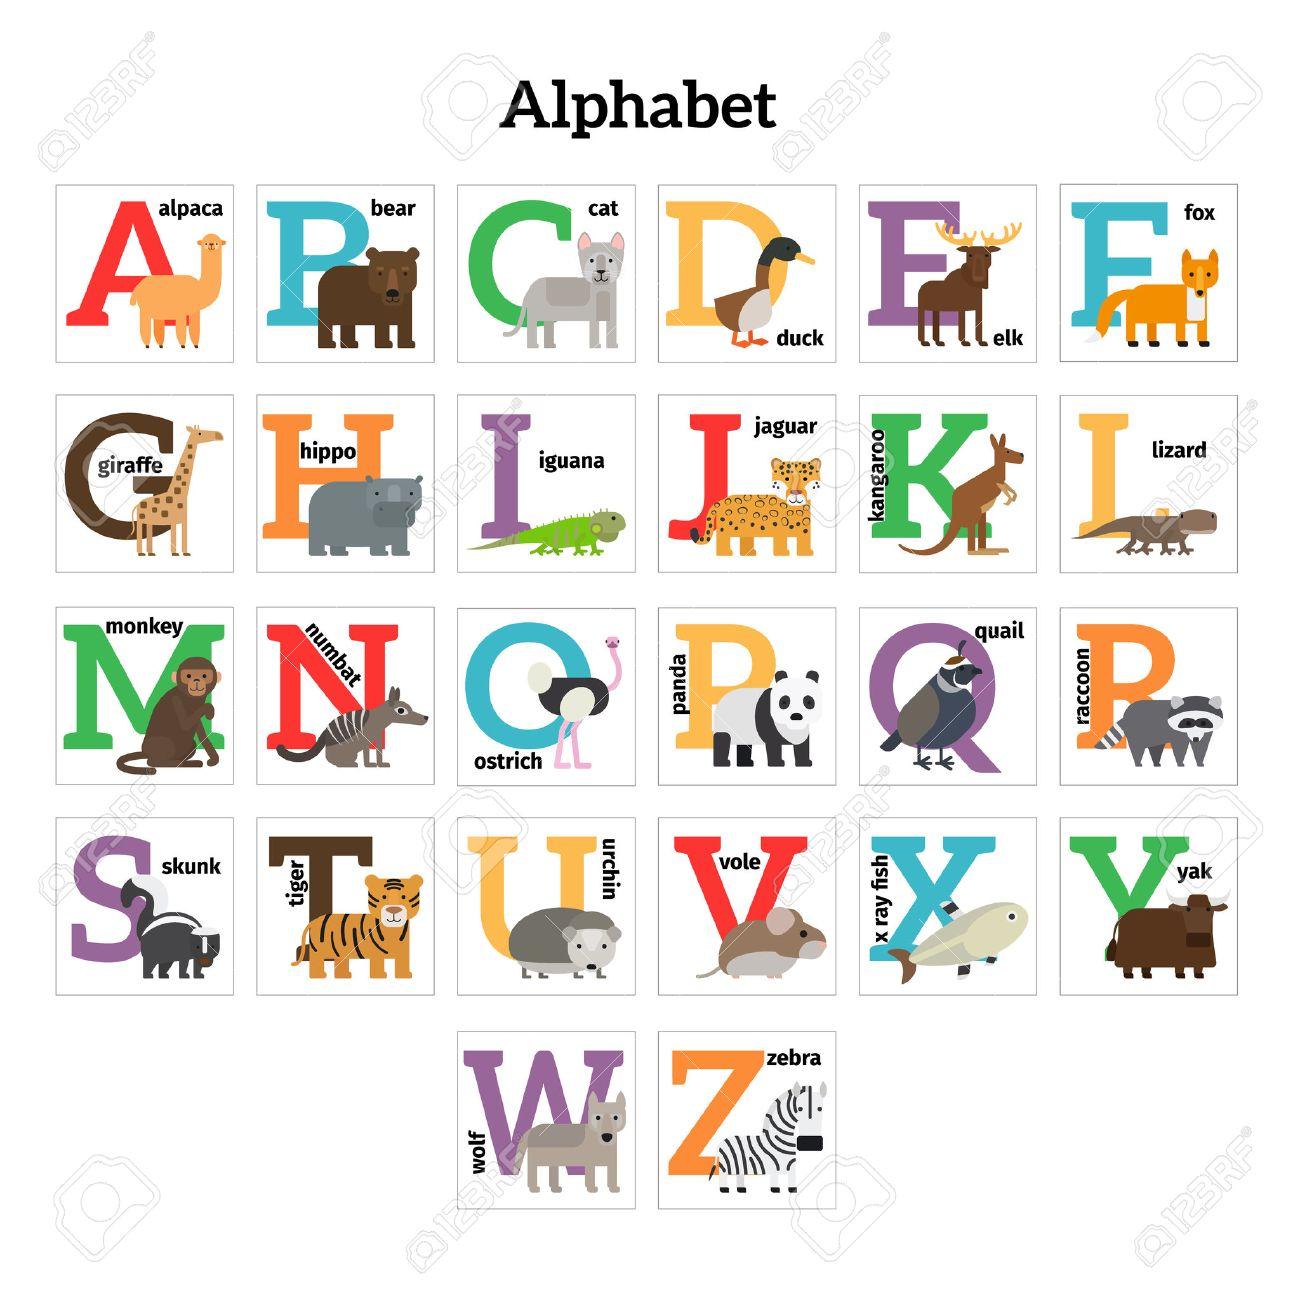 Animaux Anglais Zoo De L Alphabet L Education Prescolaire Des Enfants Vector Illustration Clip Art Libres De Droits Vecteurs Et Illustration Image 48756232